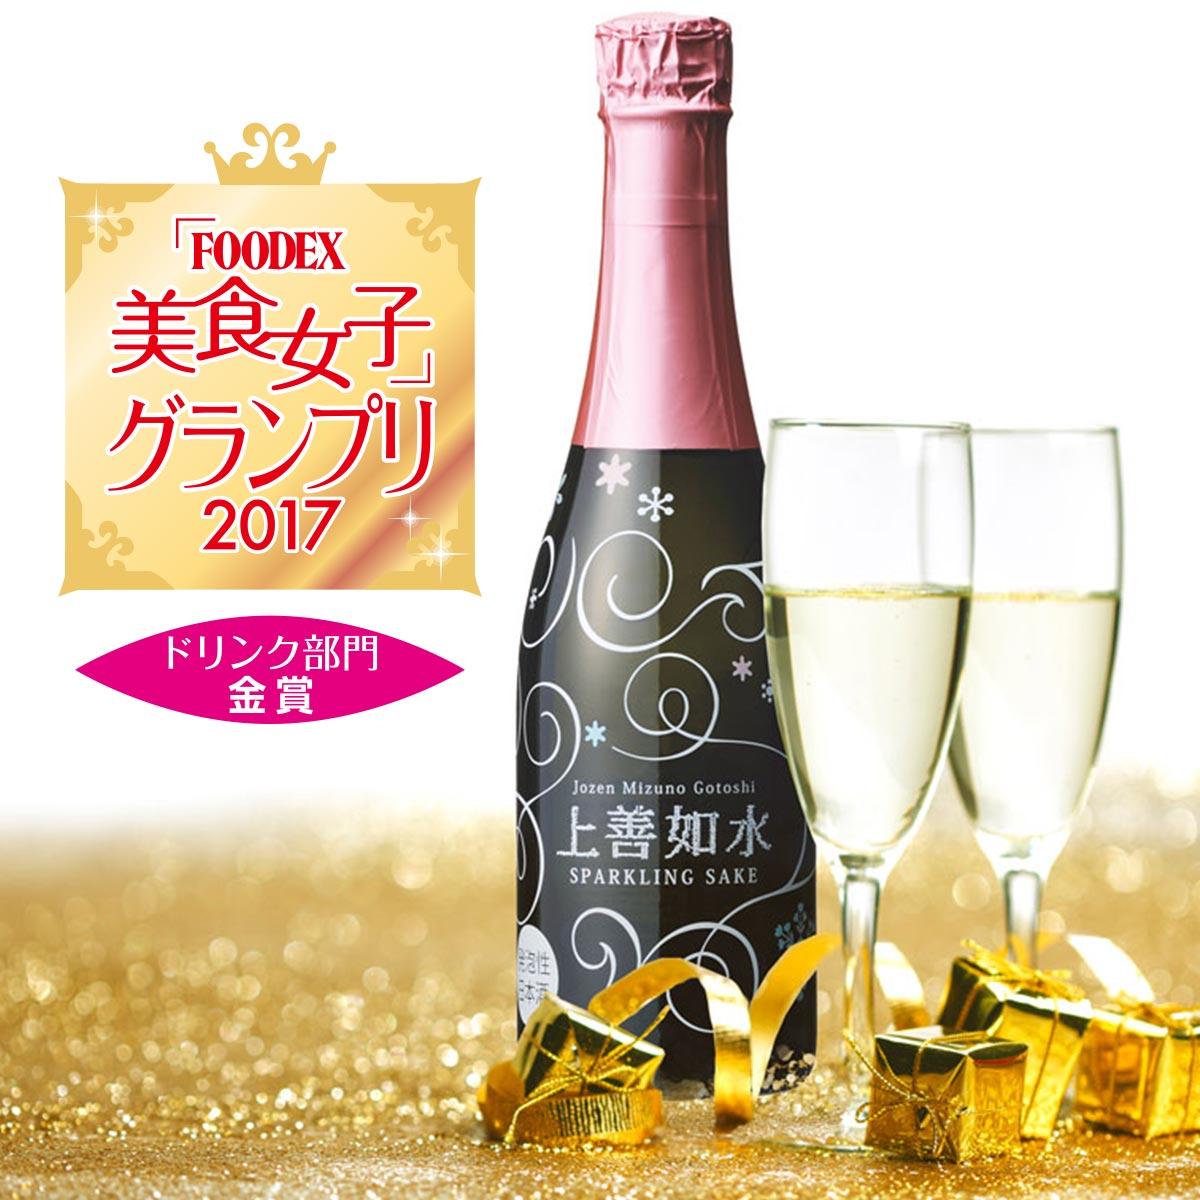 日本酒 新潟【白瀧酒造】上善如水スパークリング 360ml